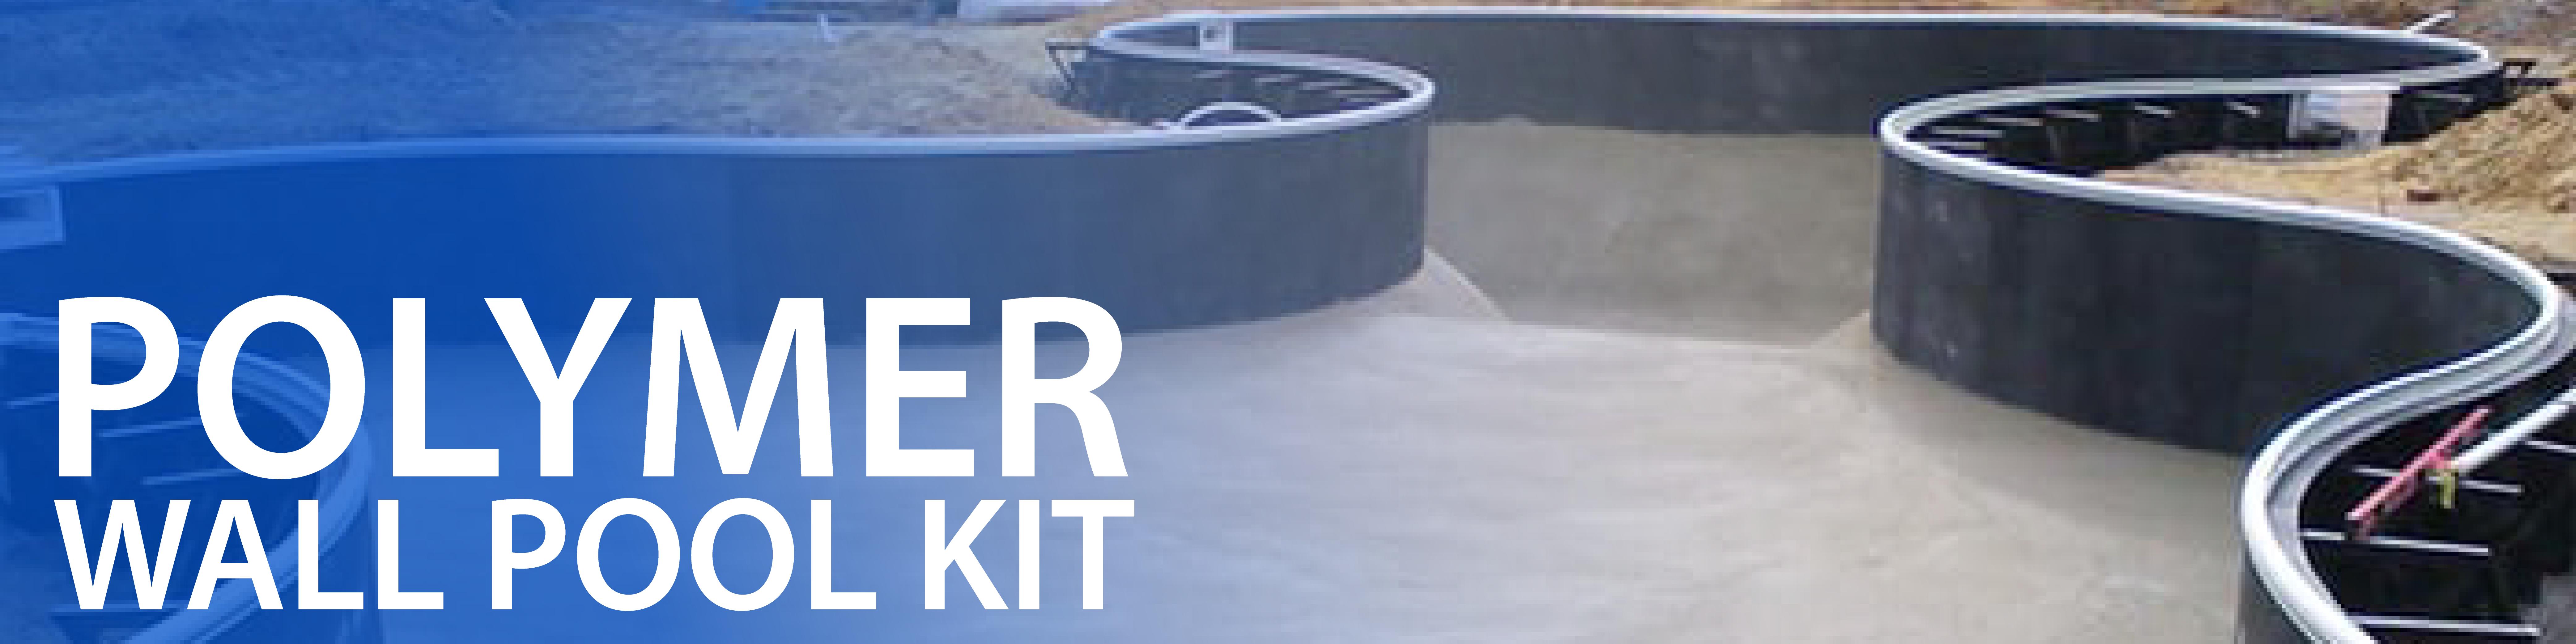 Polymer Wall Inground Swimming Pool Kit